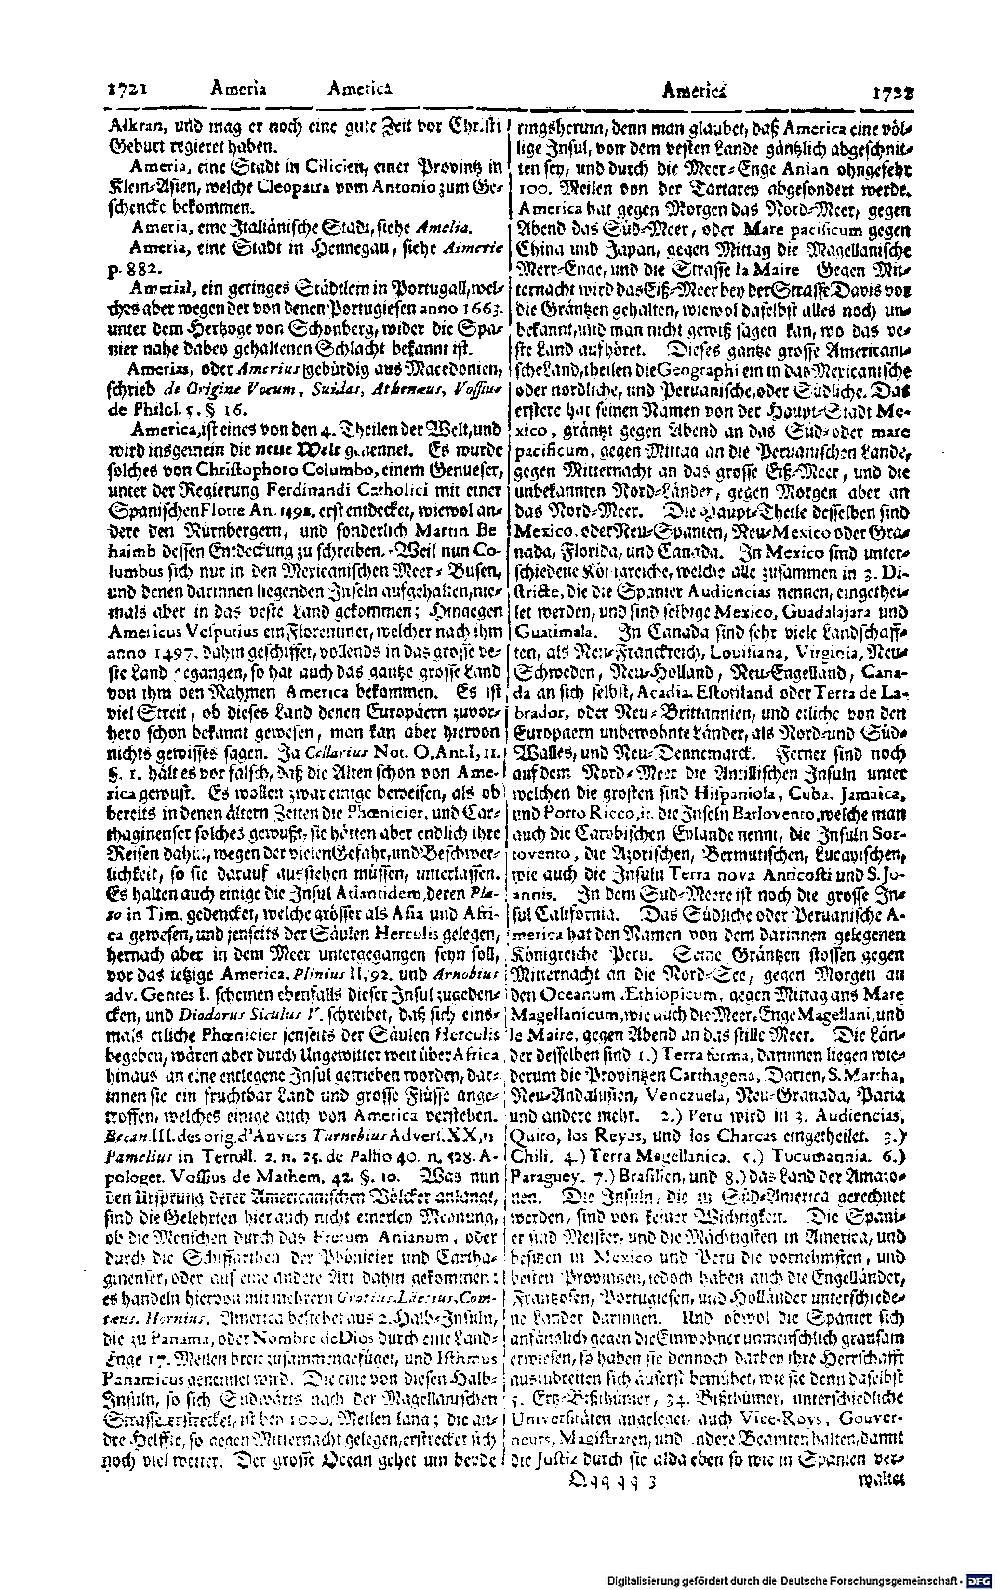 Bd. 01, Seite 0850.